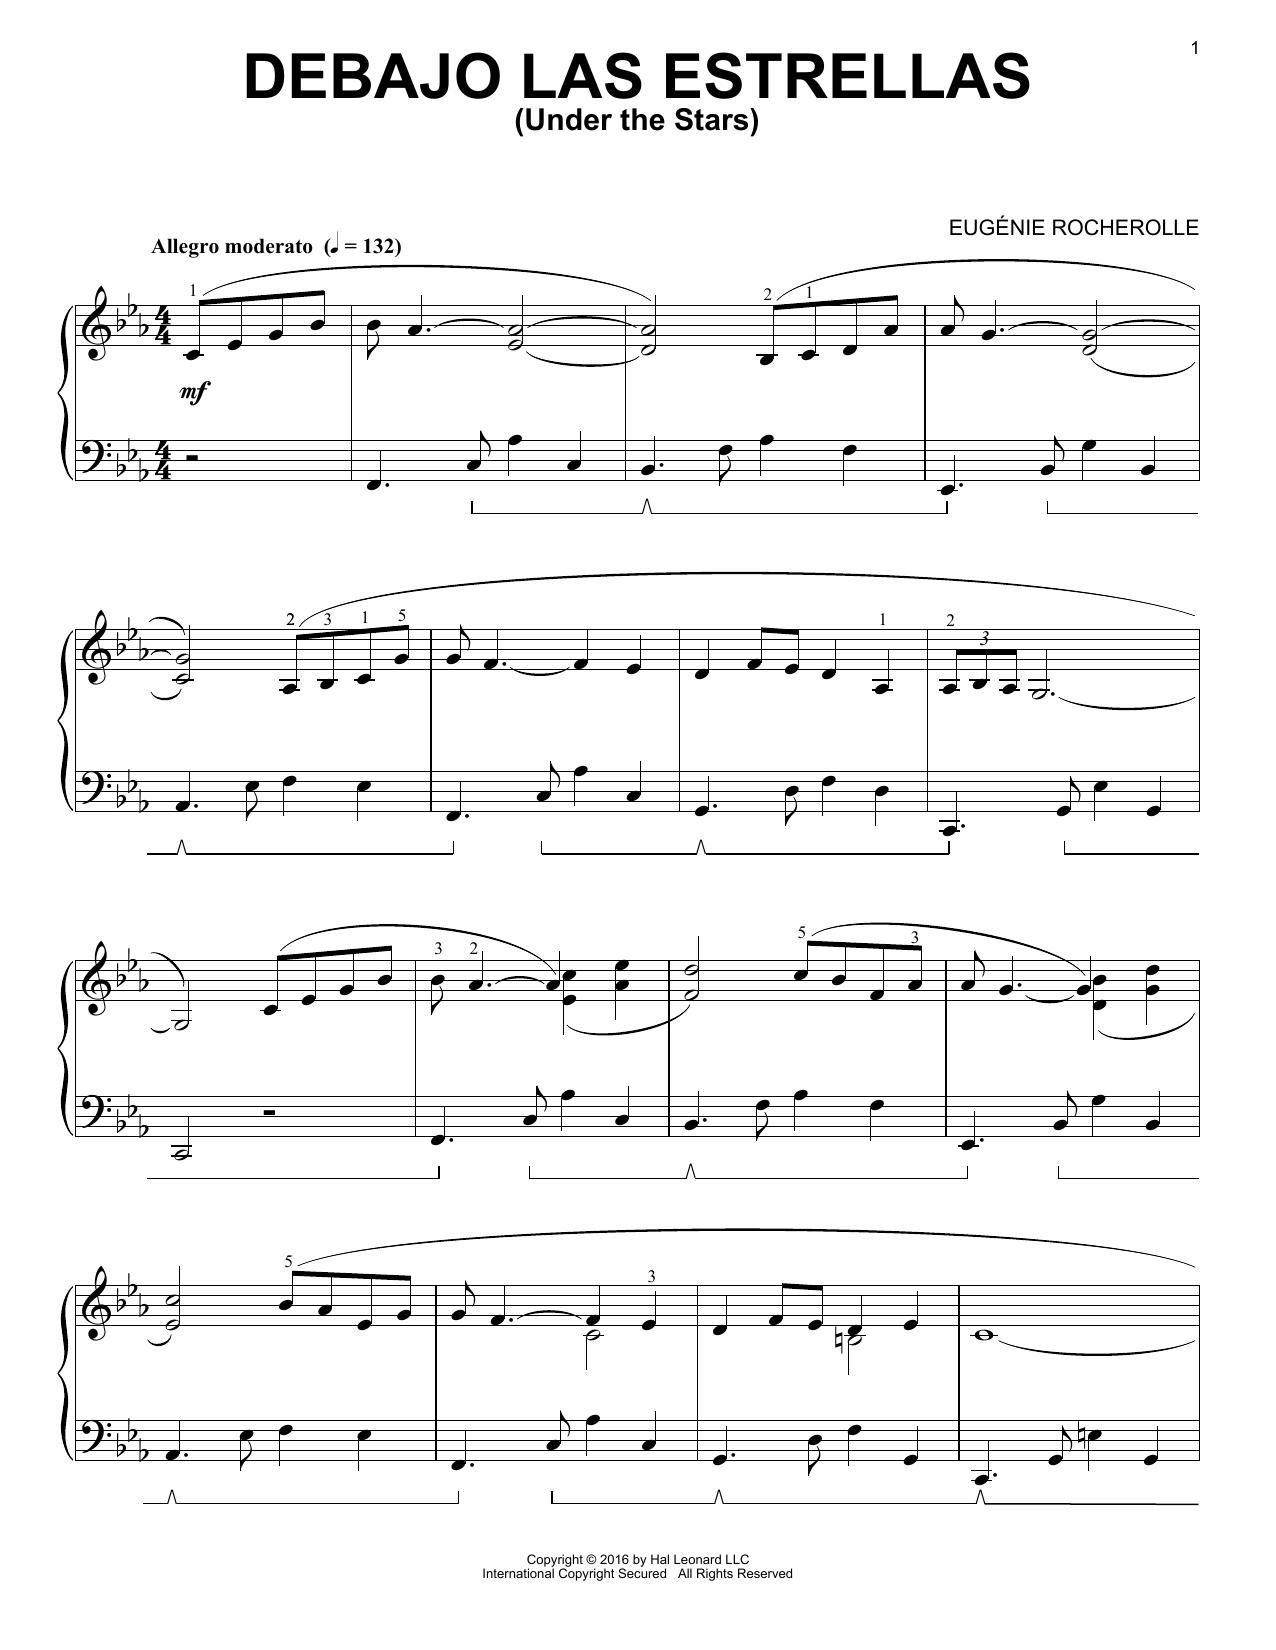 Eugénie Rocherolle Debajo Las Estrellas sheet music notes and chords